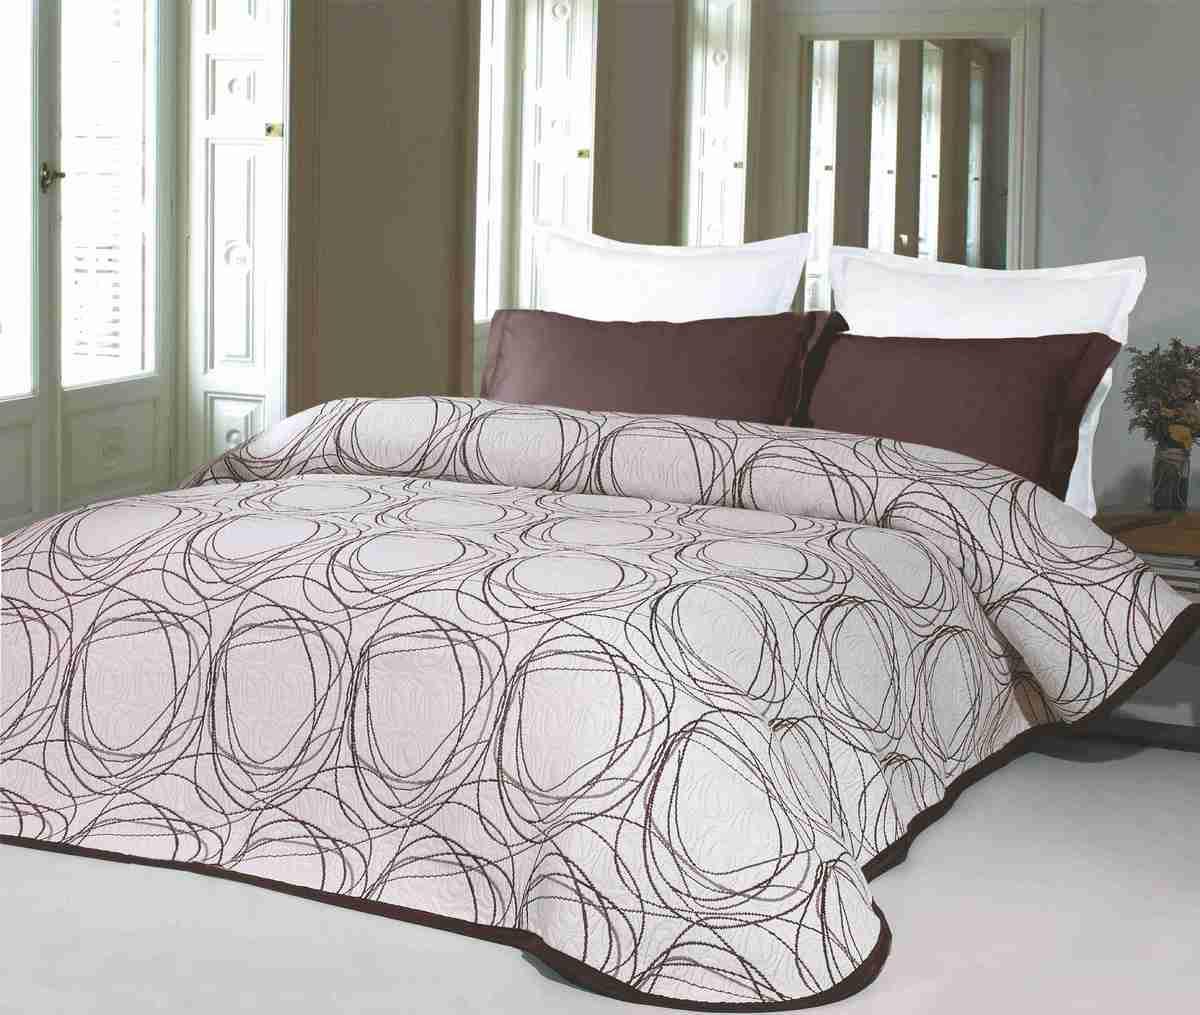 Forbyt, Přehoz na postel, Omega, hnědá 240 x 260 cm